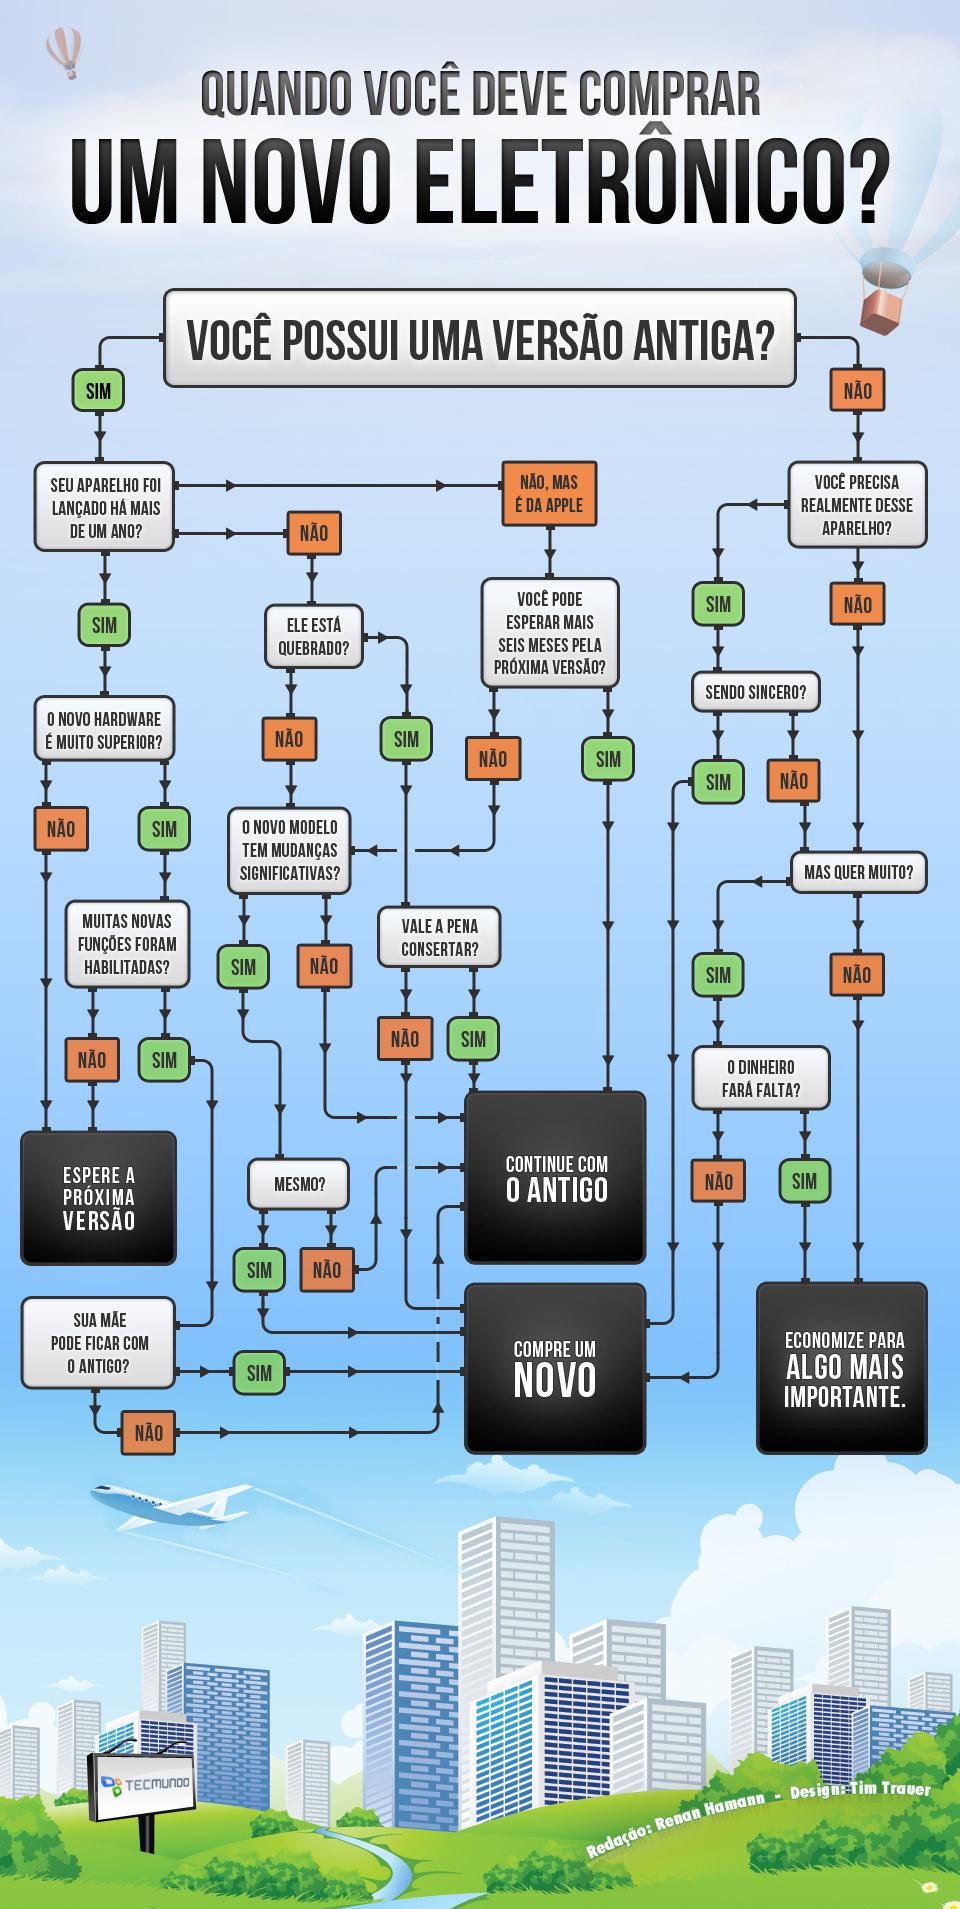 Quando você deve comprar um novo eletrônico? [infográfico]